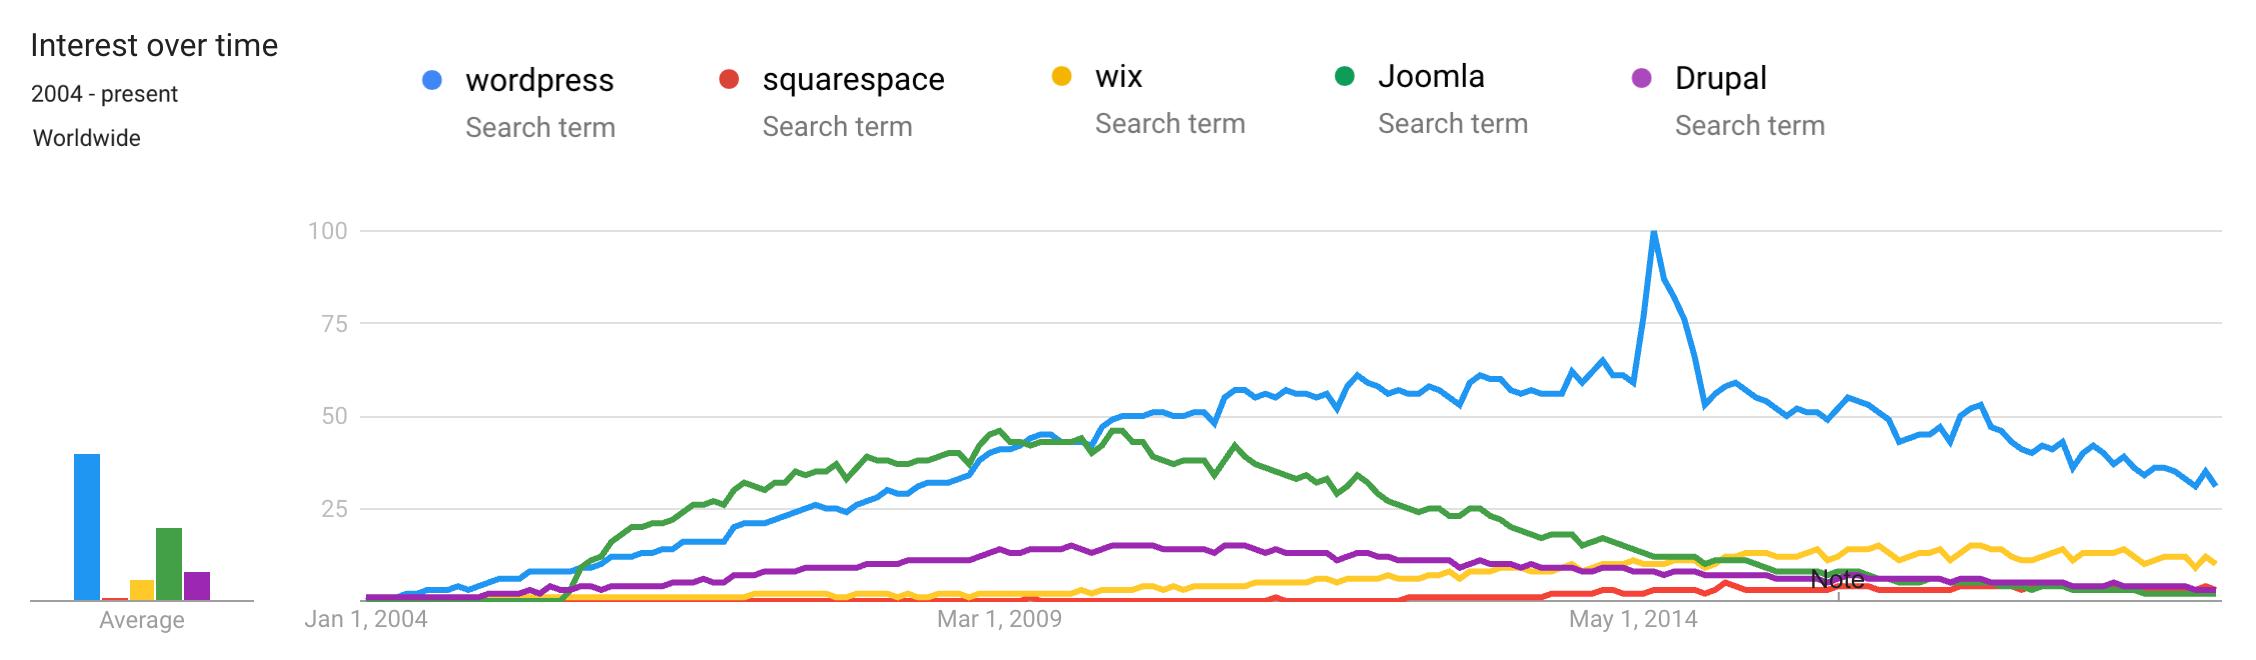 WordPressin trendit vs muut CMS:t